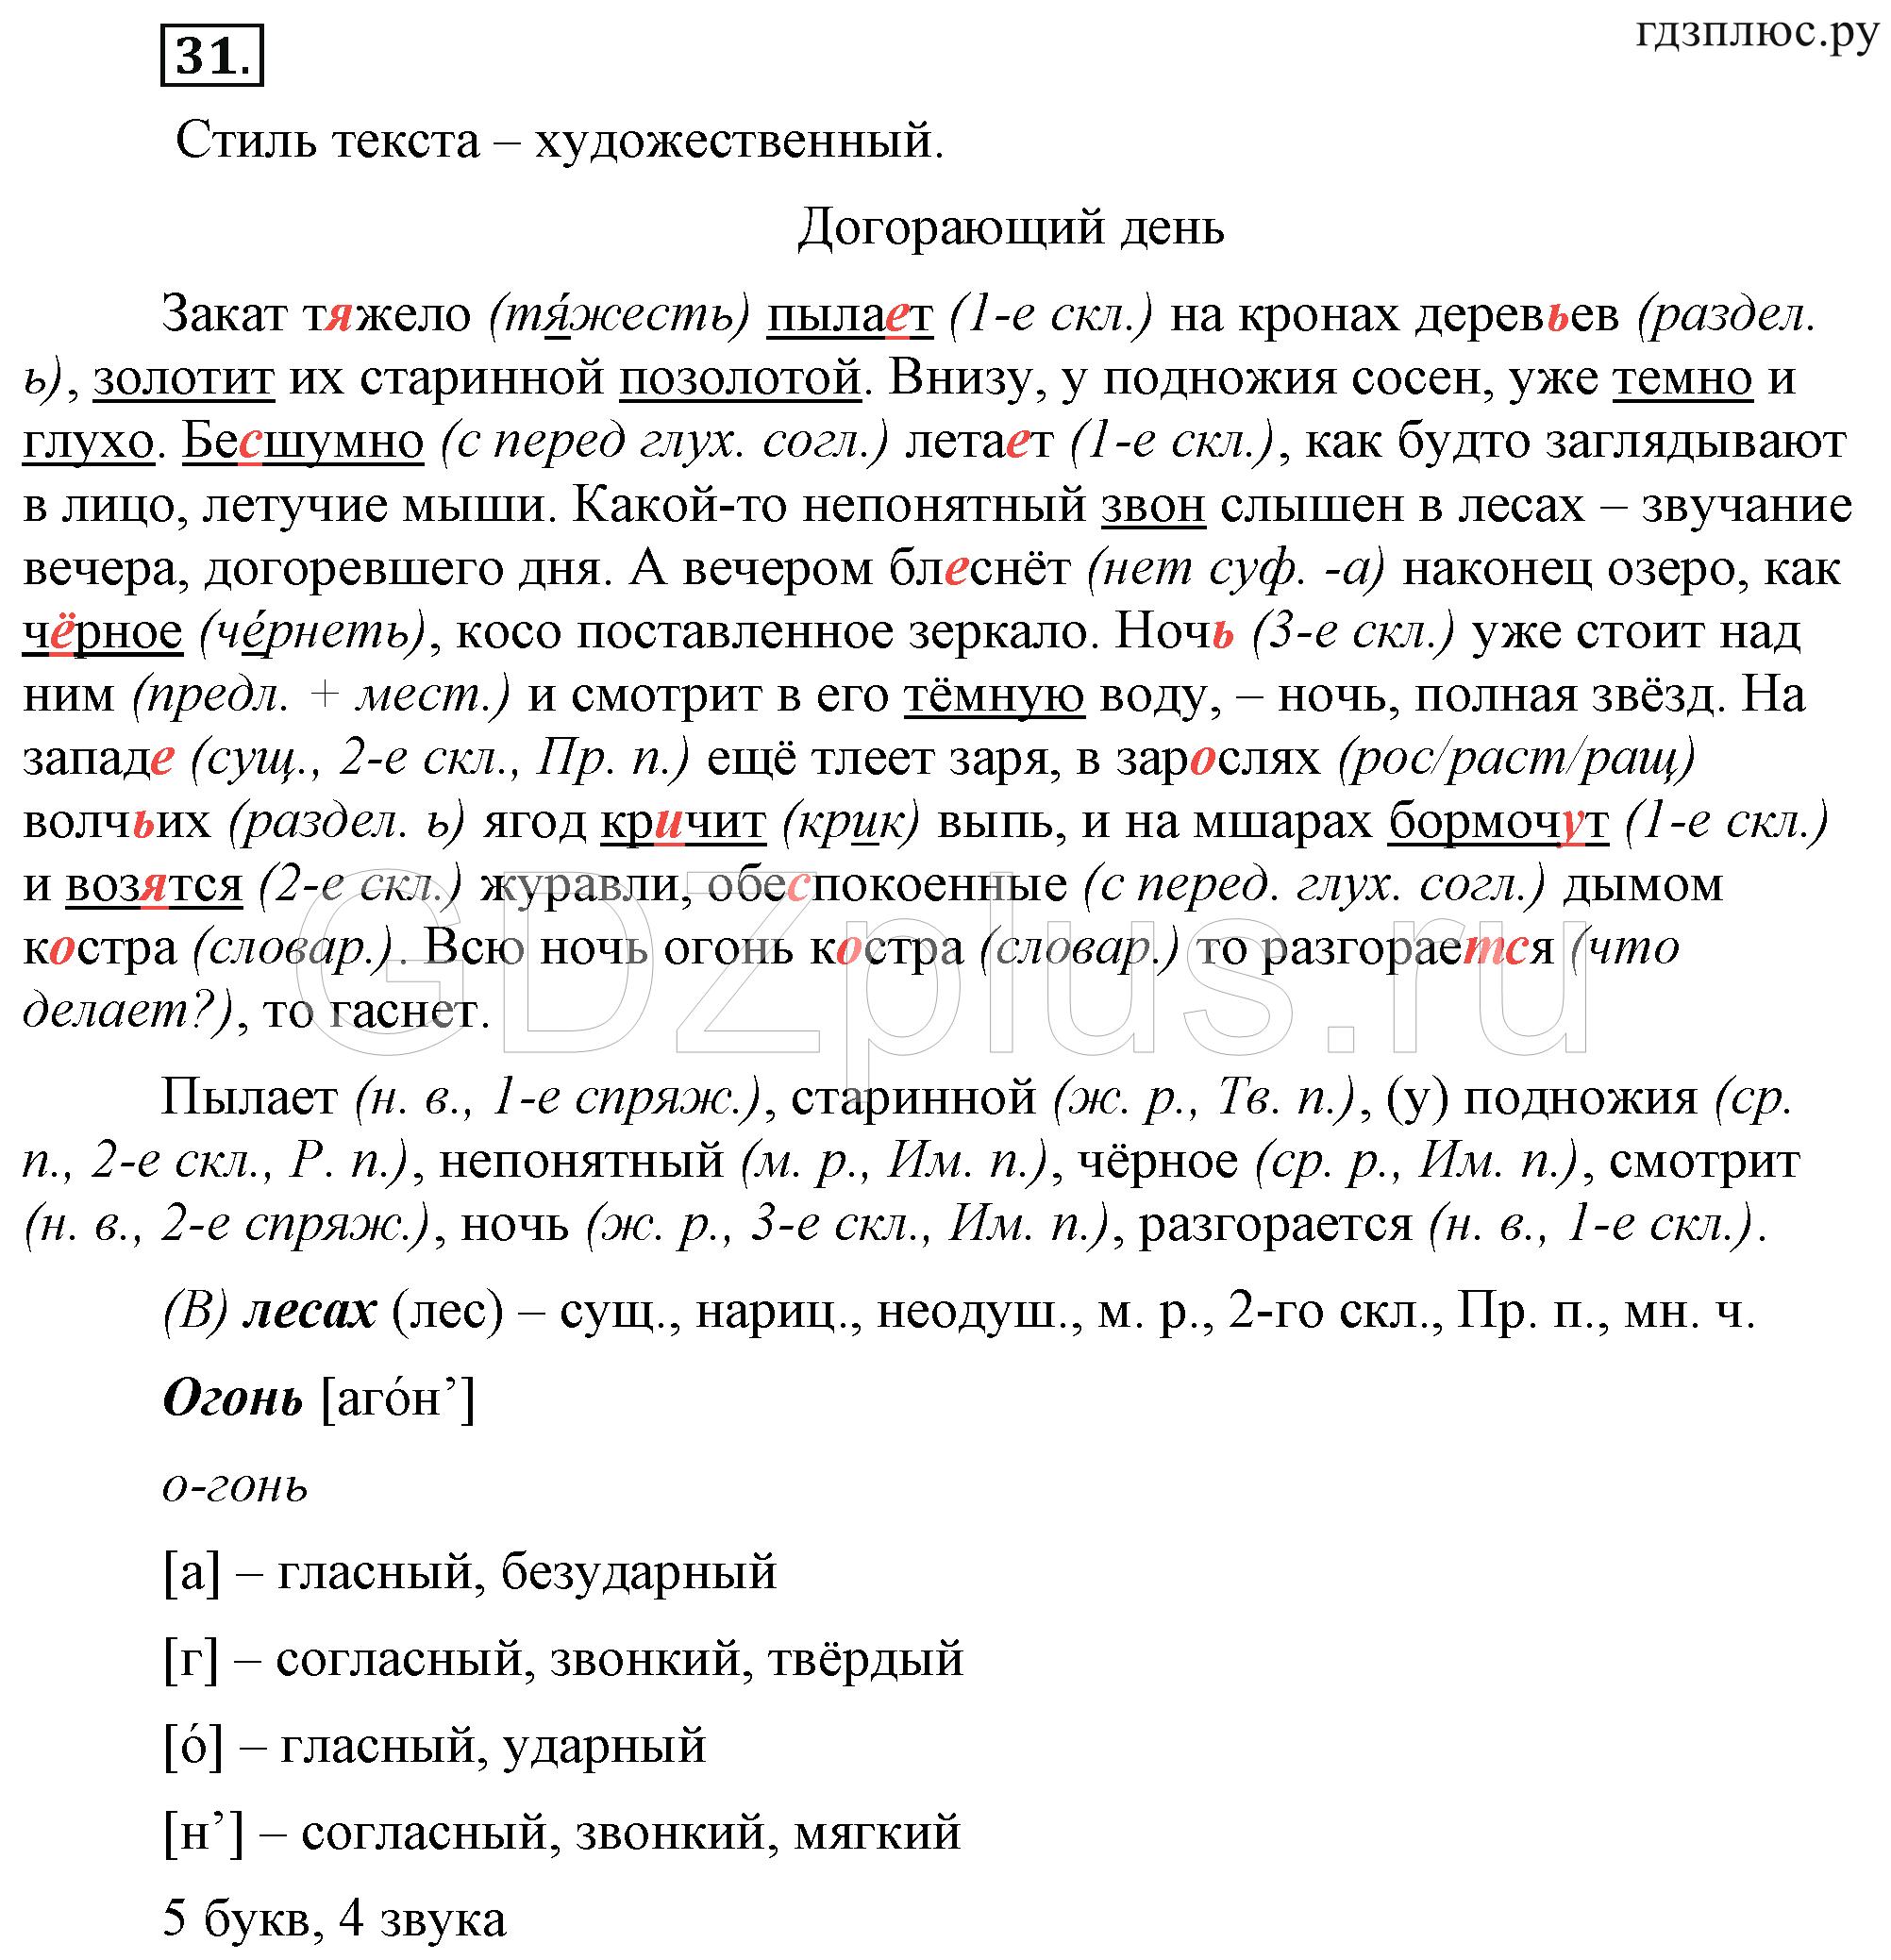 6 класс ответы на контрольную работу м.т баранов ответы на контрольные вопросы и задания